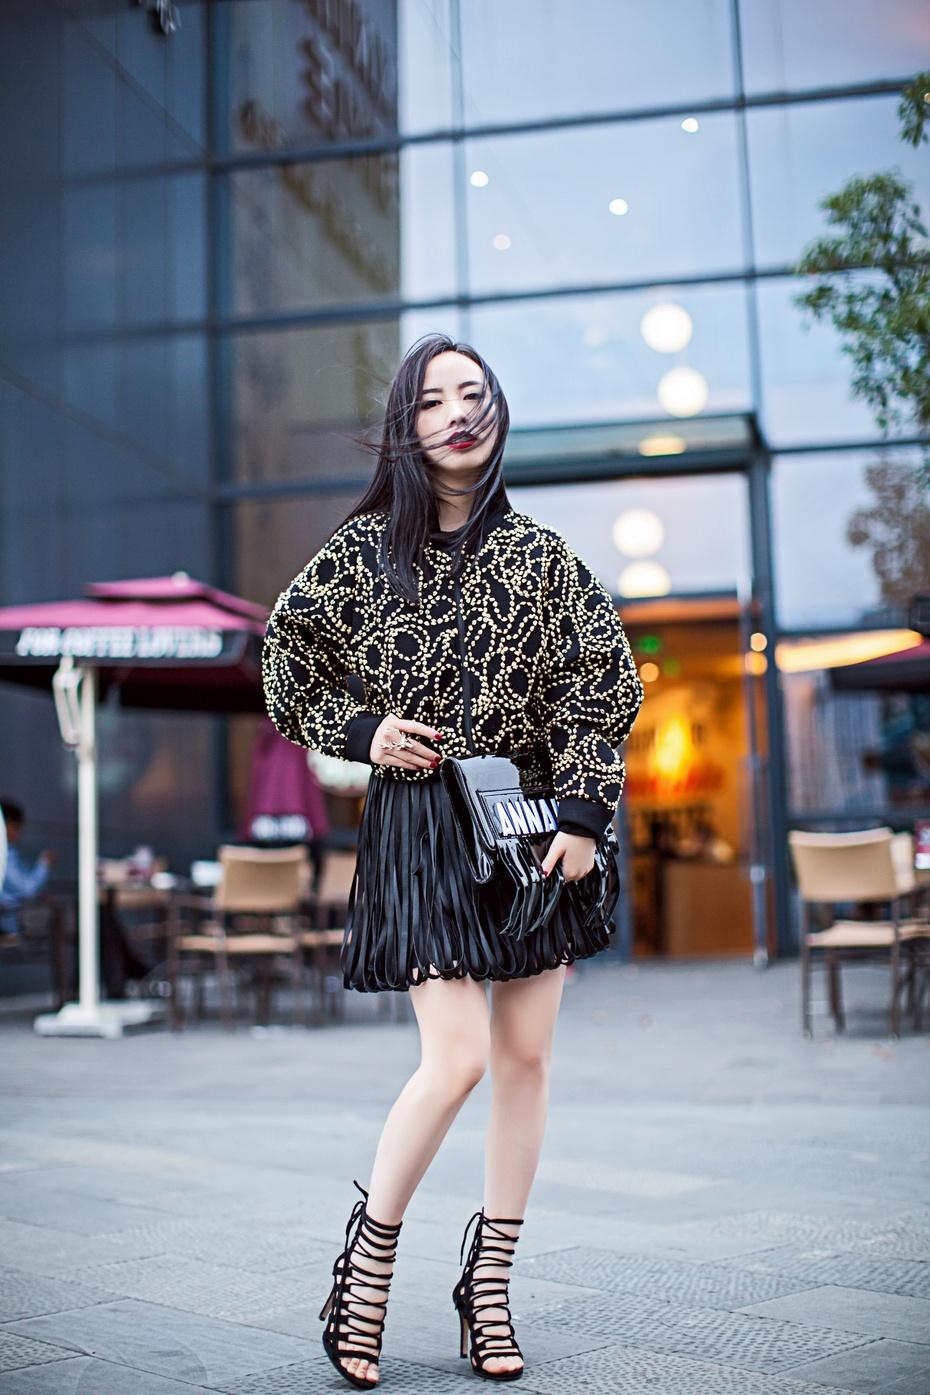 【妮儿の私服日记】流苏也能穿出名媛范儿 - Nikki妮儿 - Nikkis Fashion Blog